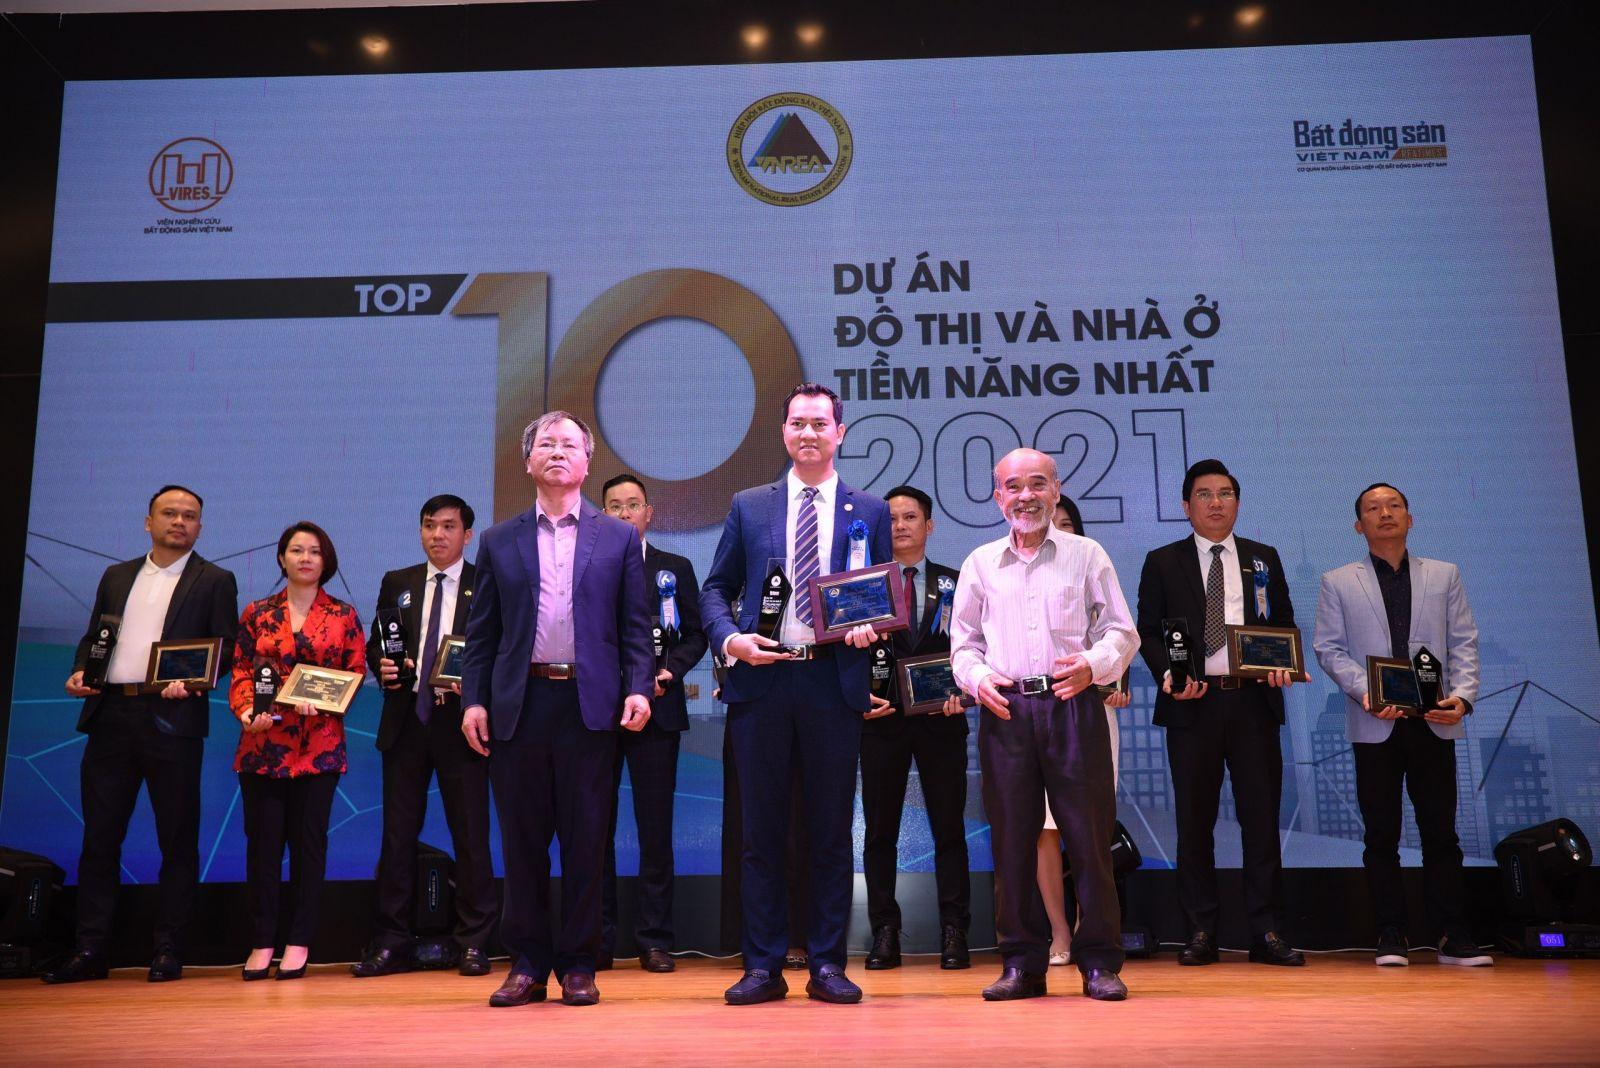 """Meyhomes Capital Phú Quốc được vinh danh là """"Top 10 dự án đô thị và nhà ở tiềm năng nhất 2021"""""""